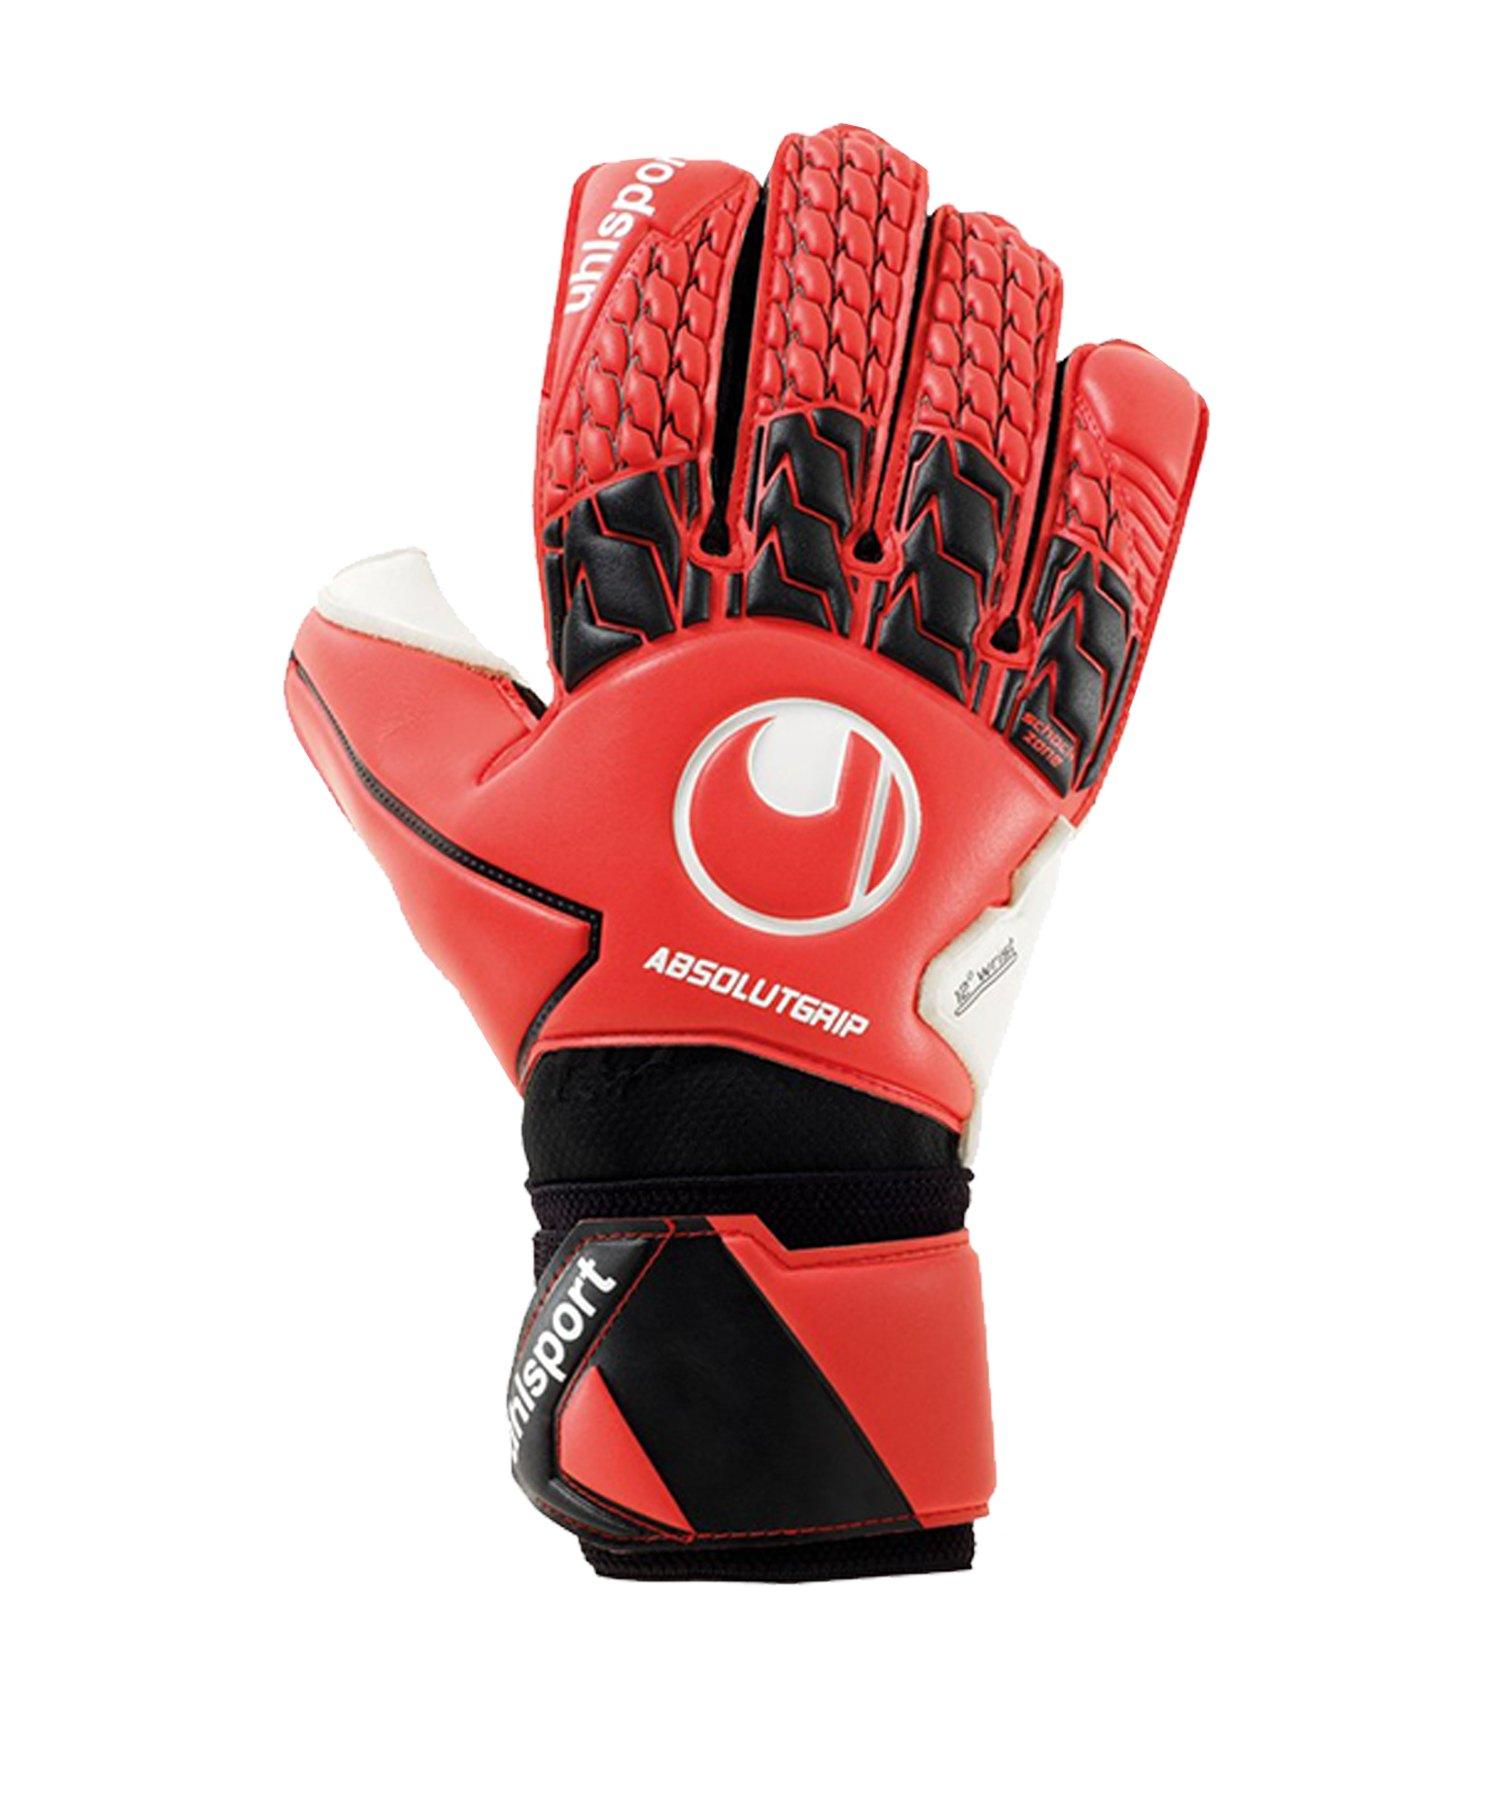 Uhlsport AG TW-Handschuh Rot Schwarz F01 - schwarz